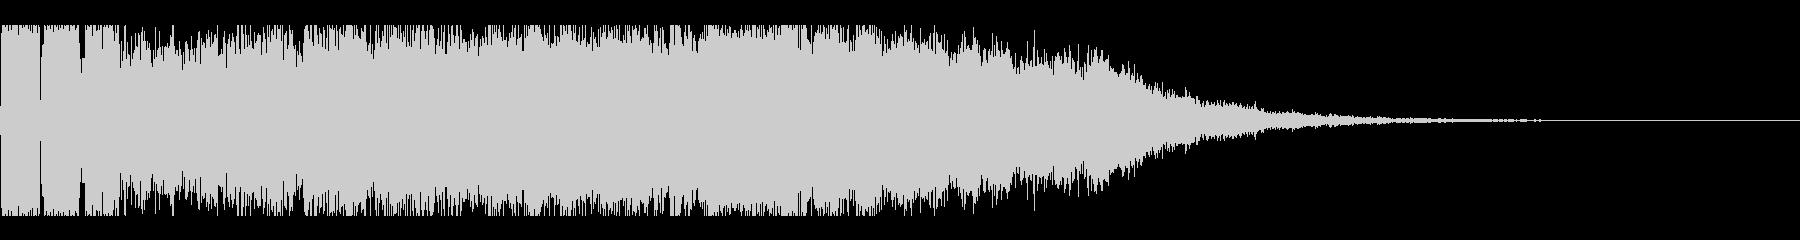 パチンコの大当たり確定インパクト音の未再生の波形